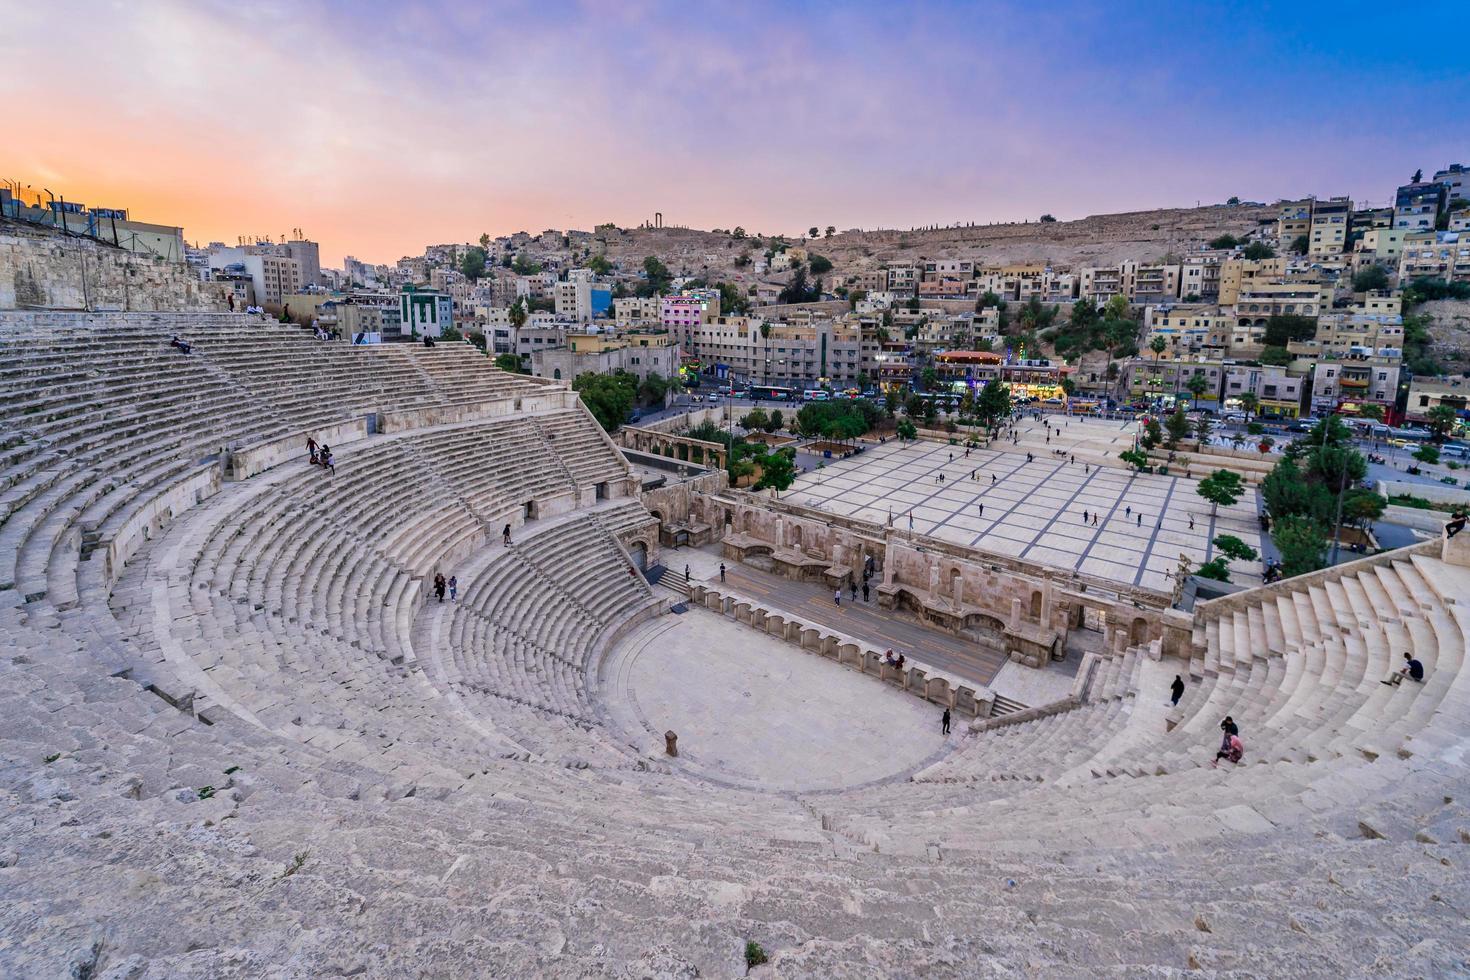 teatro romano di amman. giordania, 2018 foto